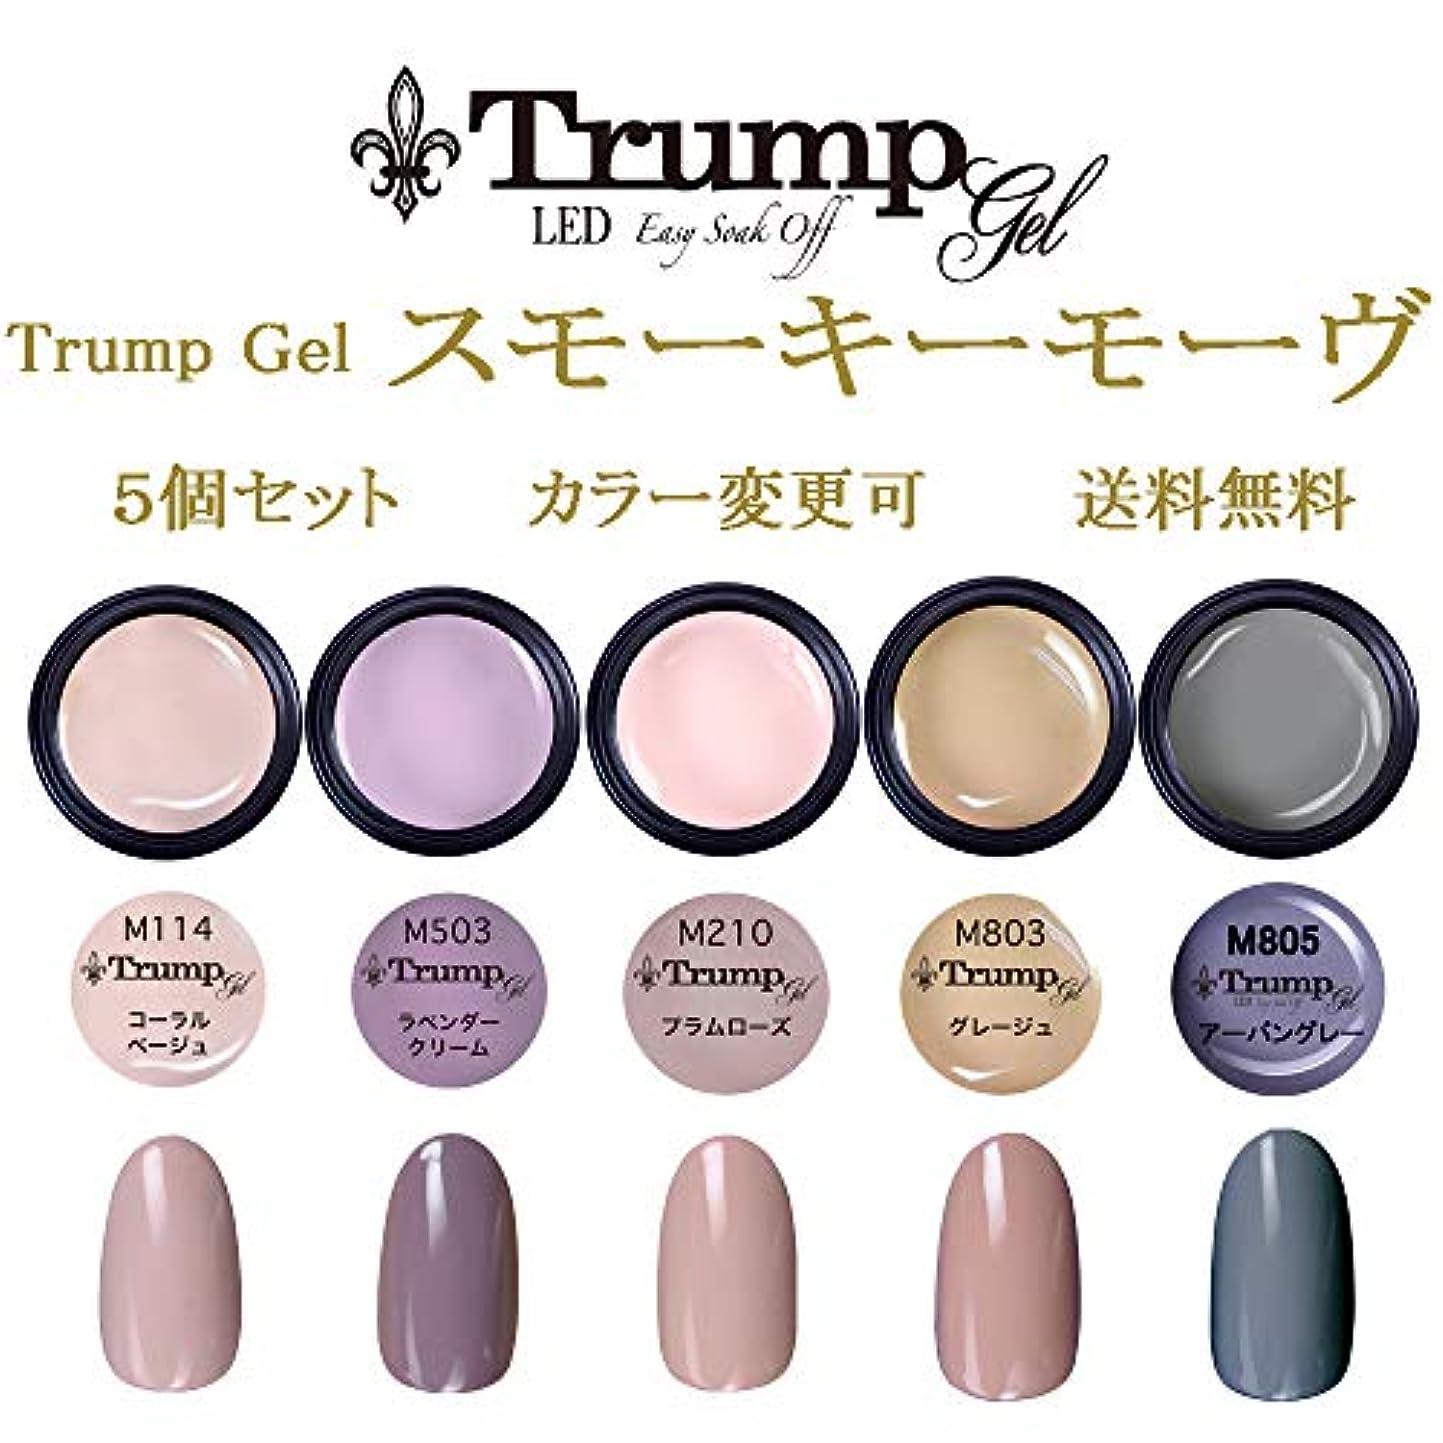 悪のハンサムキャンベラ【送料無料】Trumpスモーキーモーヴカラー選べるカラージェル5個セット